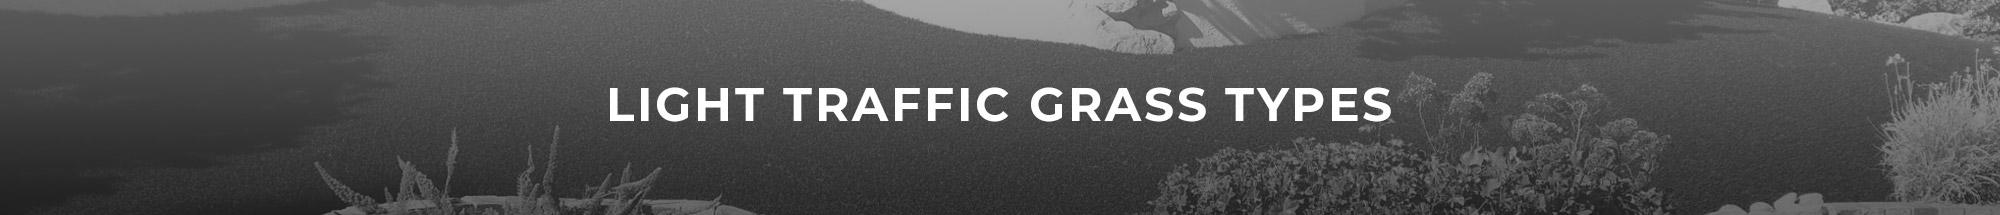 Header Image of light traffic grass types